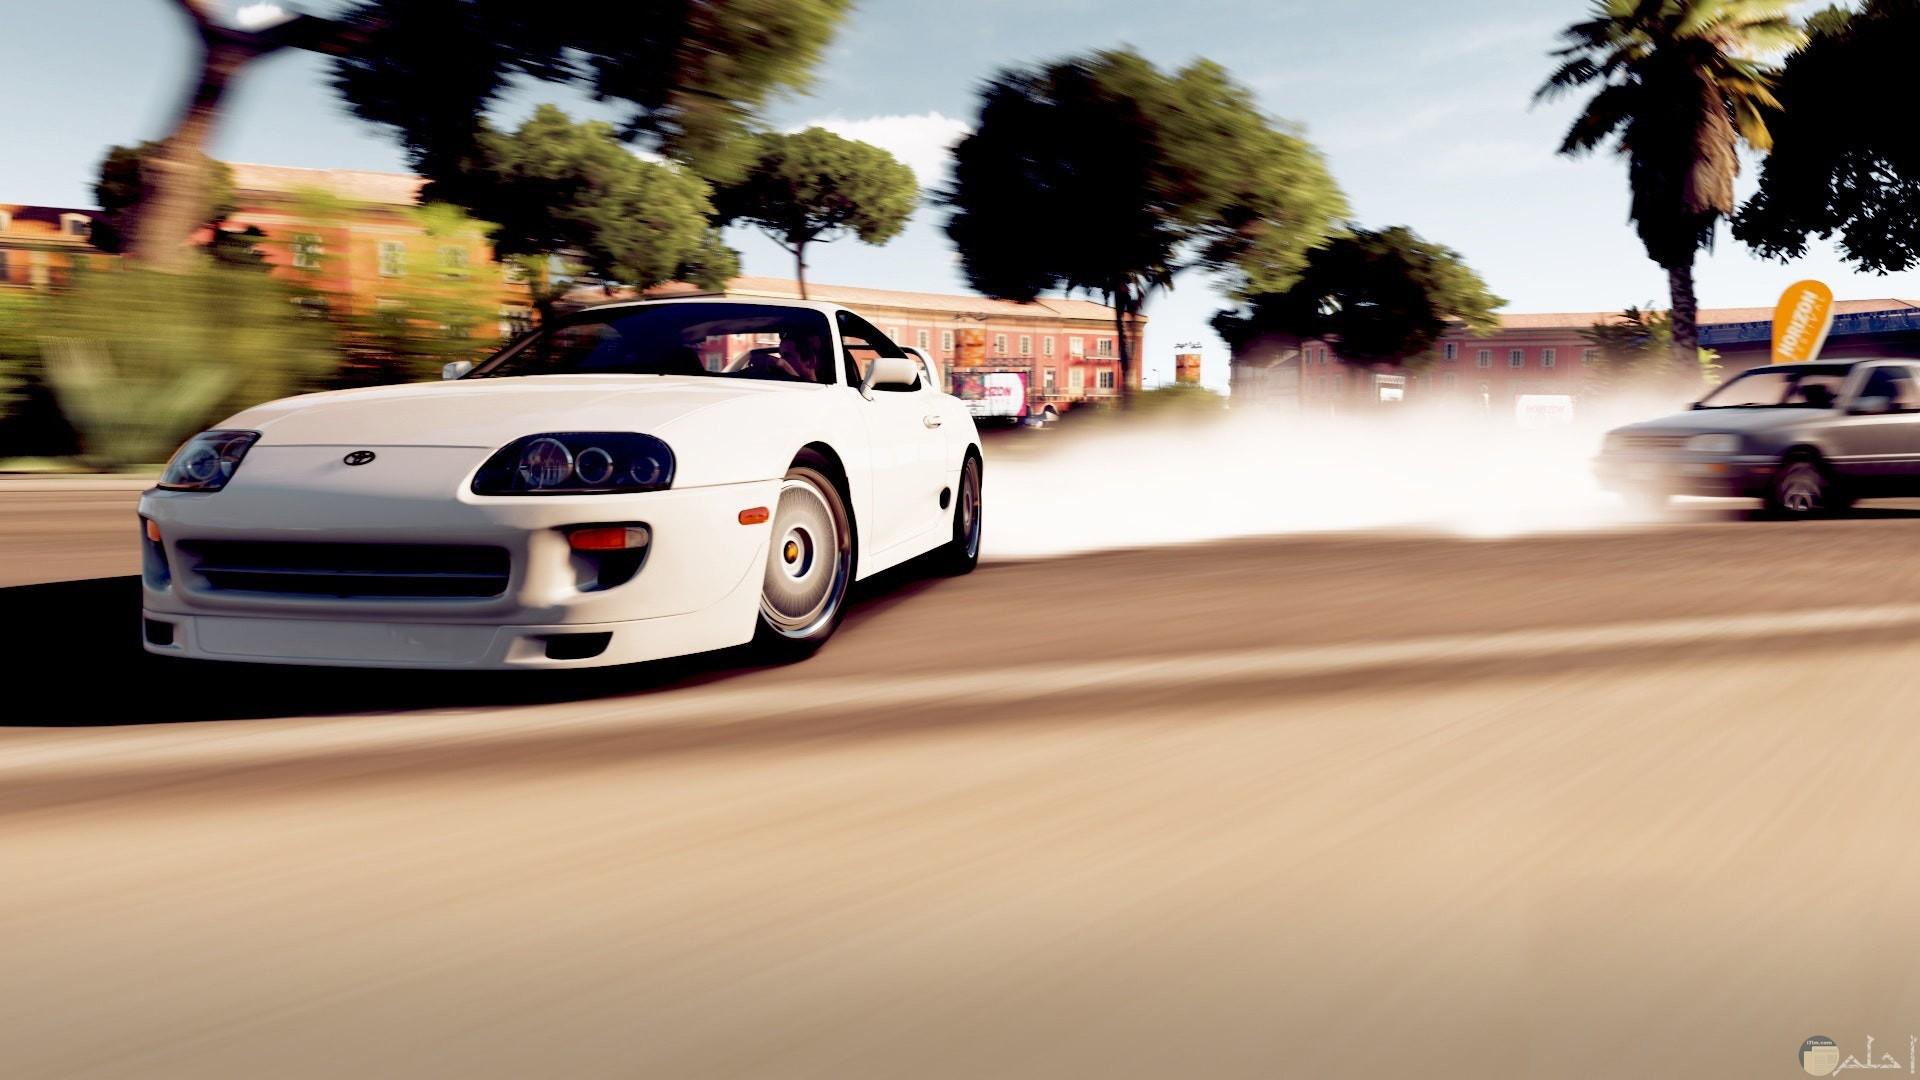 صورة فخمة لسيارة كوبيه بيضاء تجري في الطريق وخلفها سيارة أخري